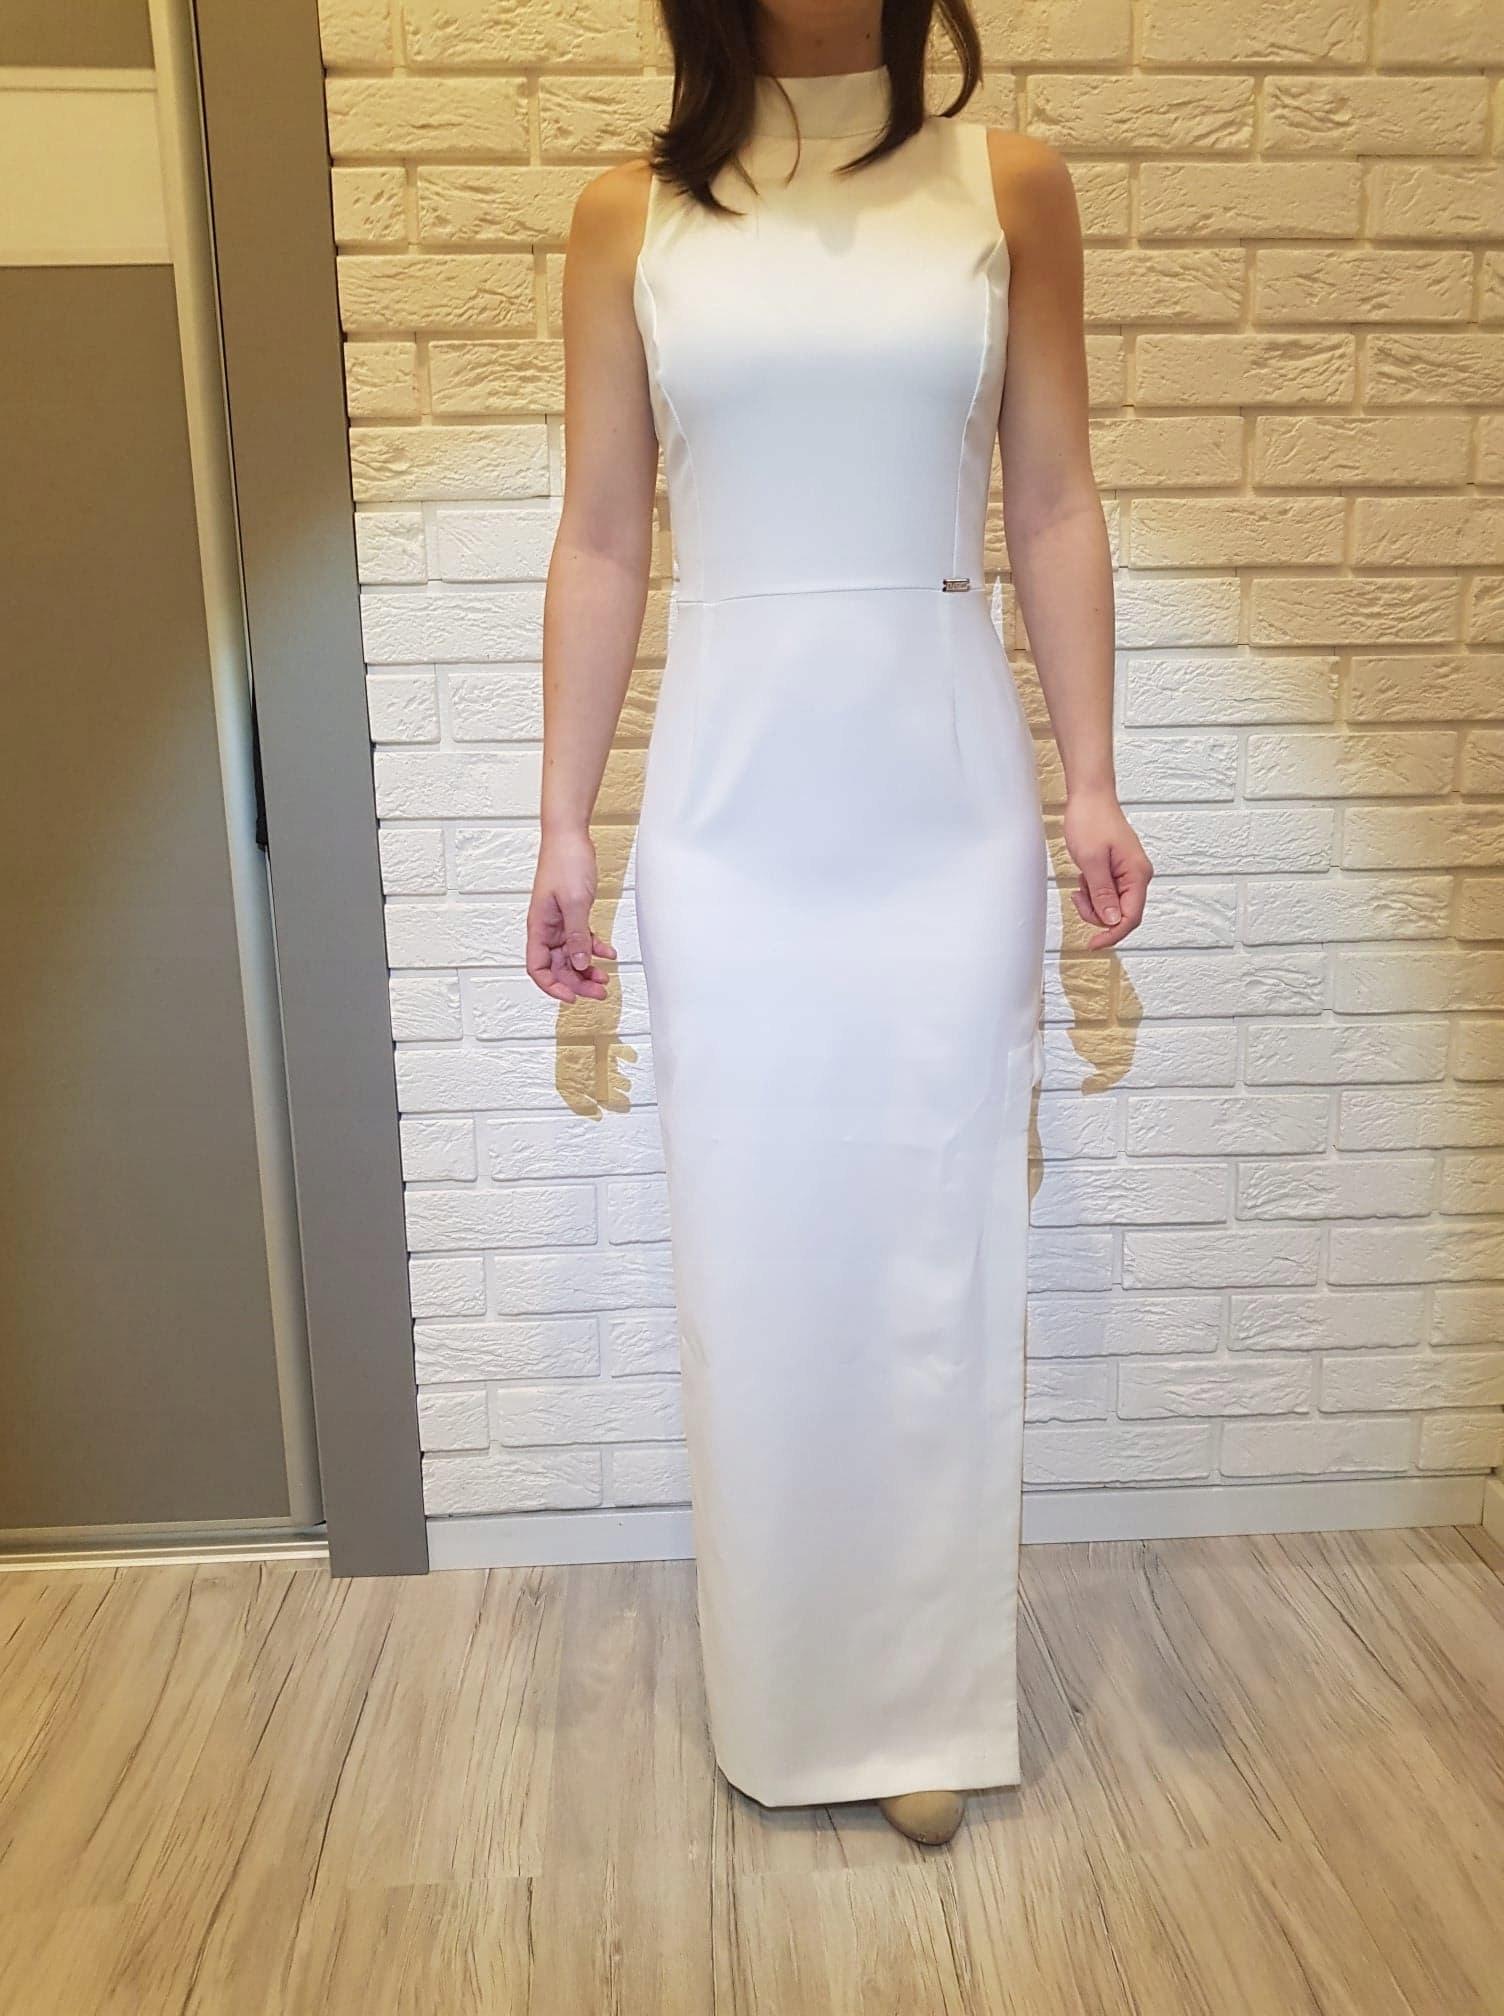 f4023527ab Sukienka ślubna Cywilny długa prosta 34 suknia - 7745343073 ...